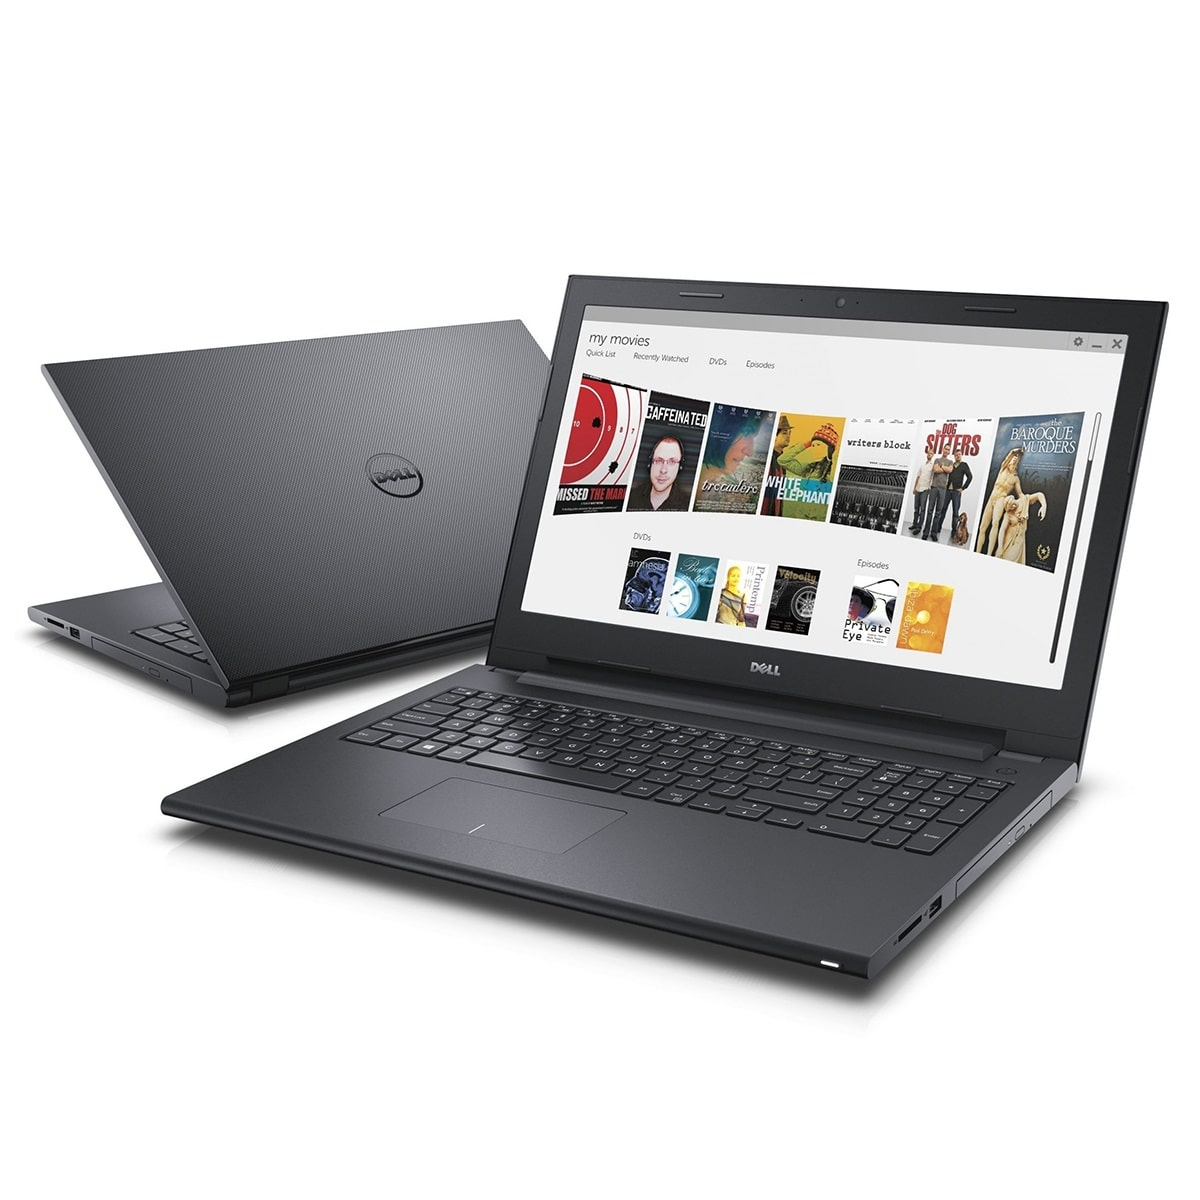 Dell Inspiron 3542 Core i7 4510U, Ram 4GB, SSD 128GB, 15.6 Inch, VGA NVIDIA 840M- 2G